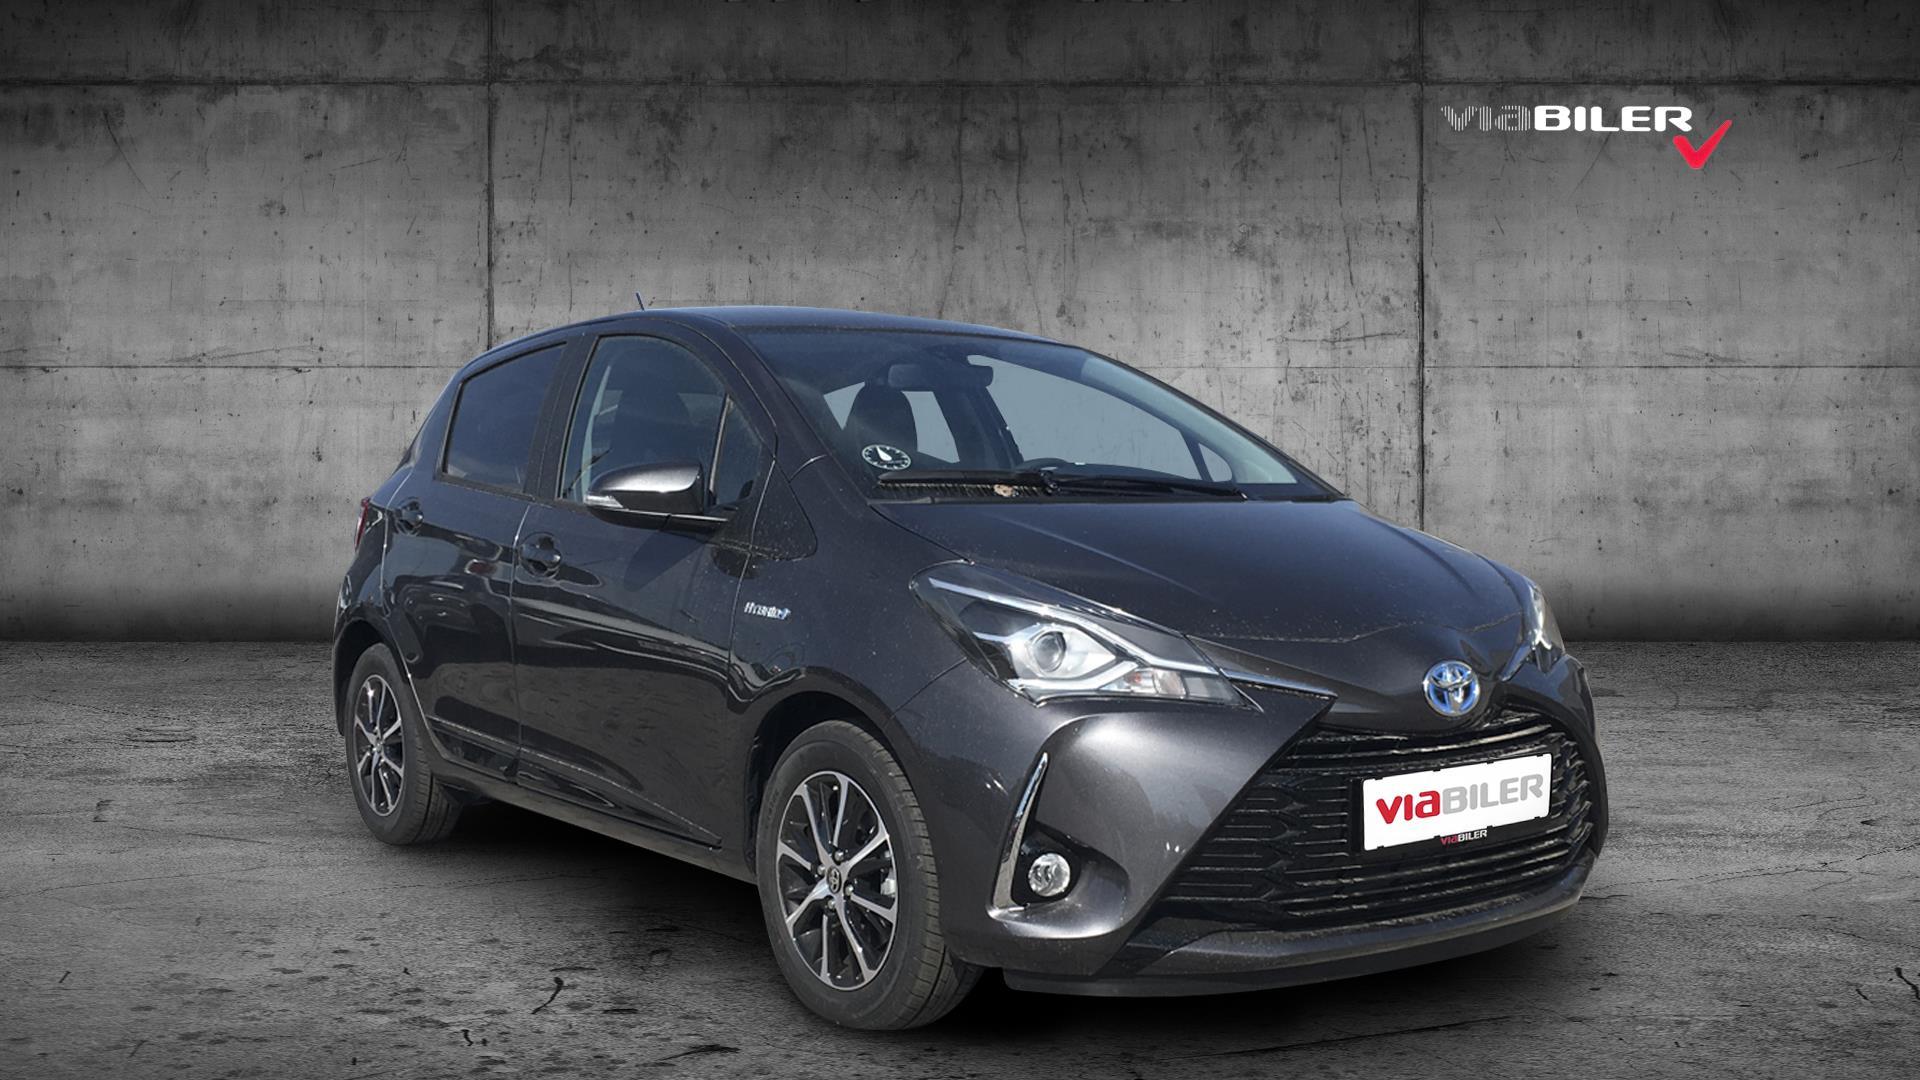 Billede af Toyota Yaris 1,5 B/EL H3 Smartpakke E-CVT 100HK 5d Trinl. Gear